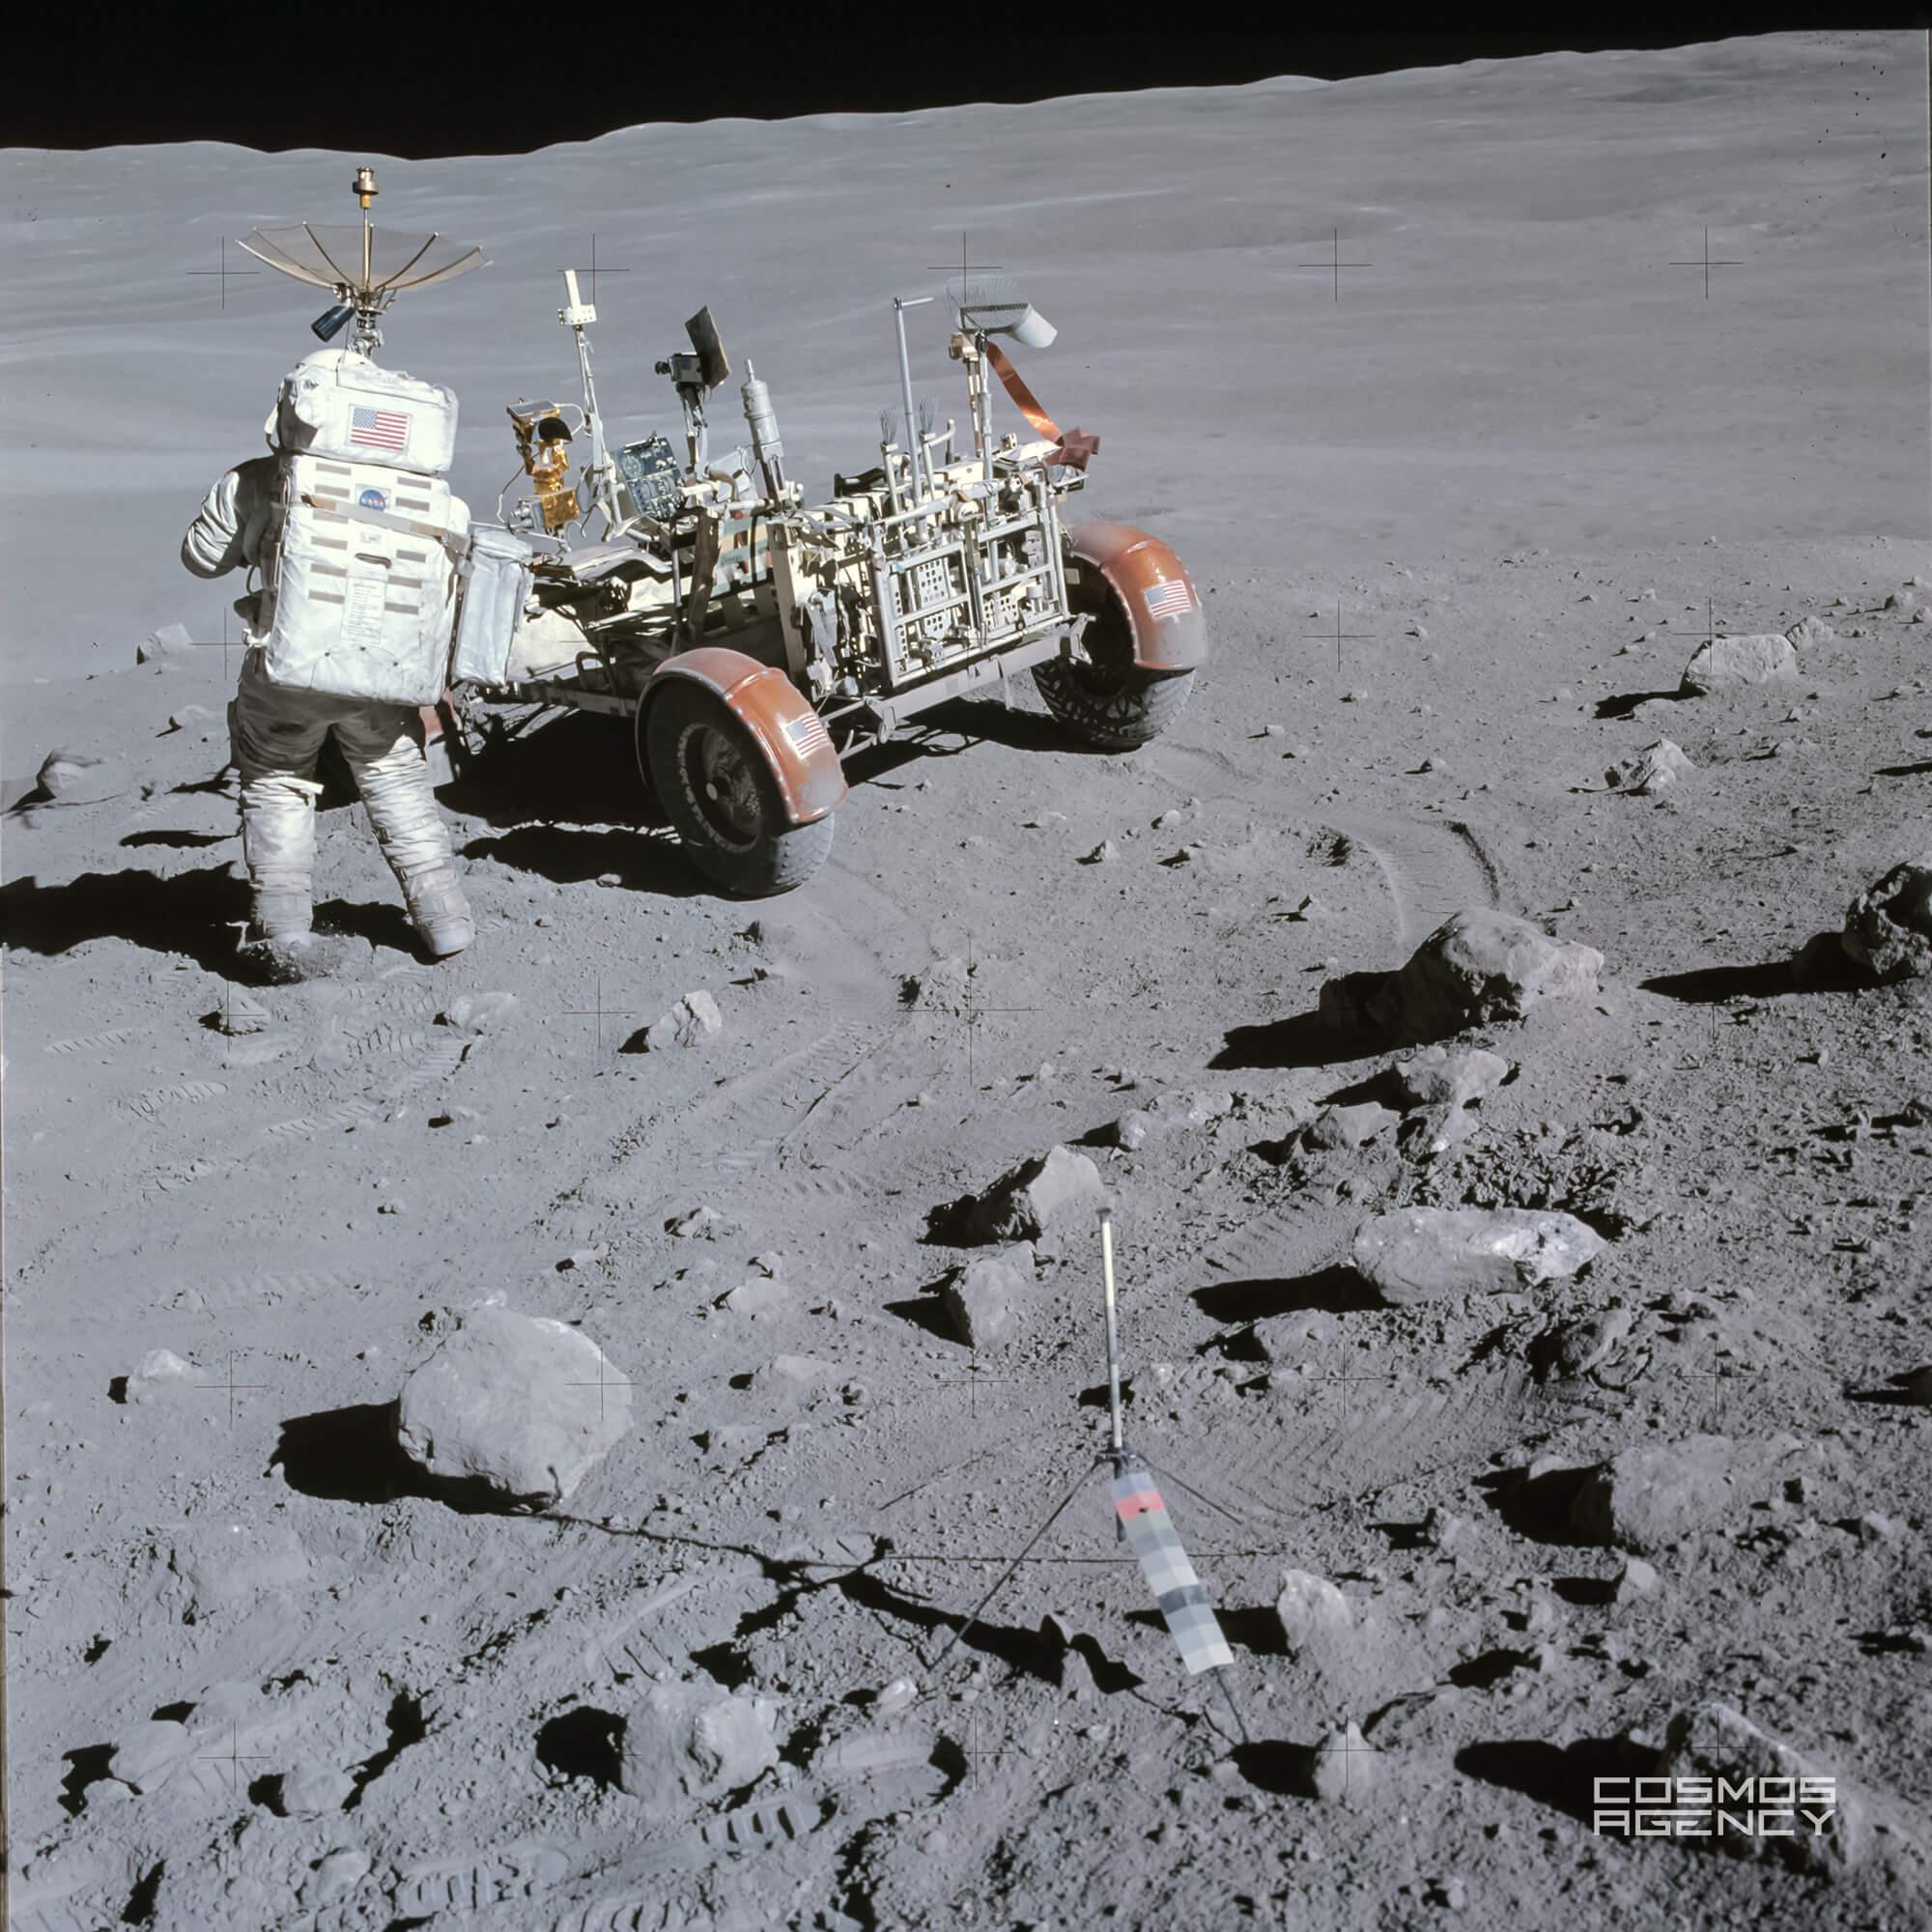 Астронавт NASA Чарльз Дюк на Станции 4 около Каменный Горы, Аполлон 16